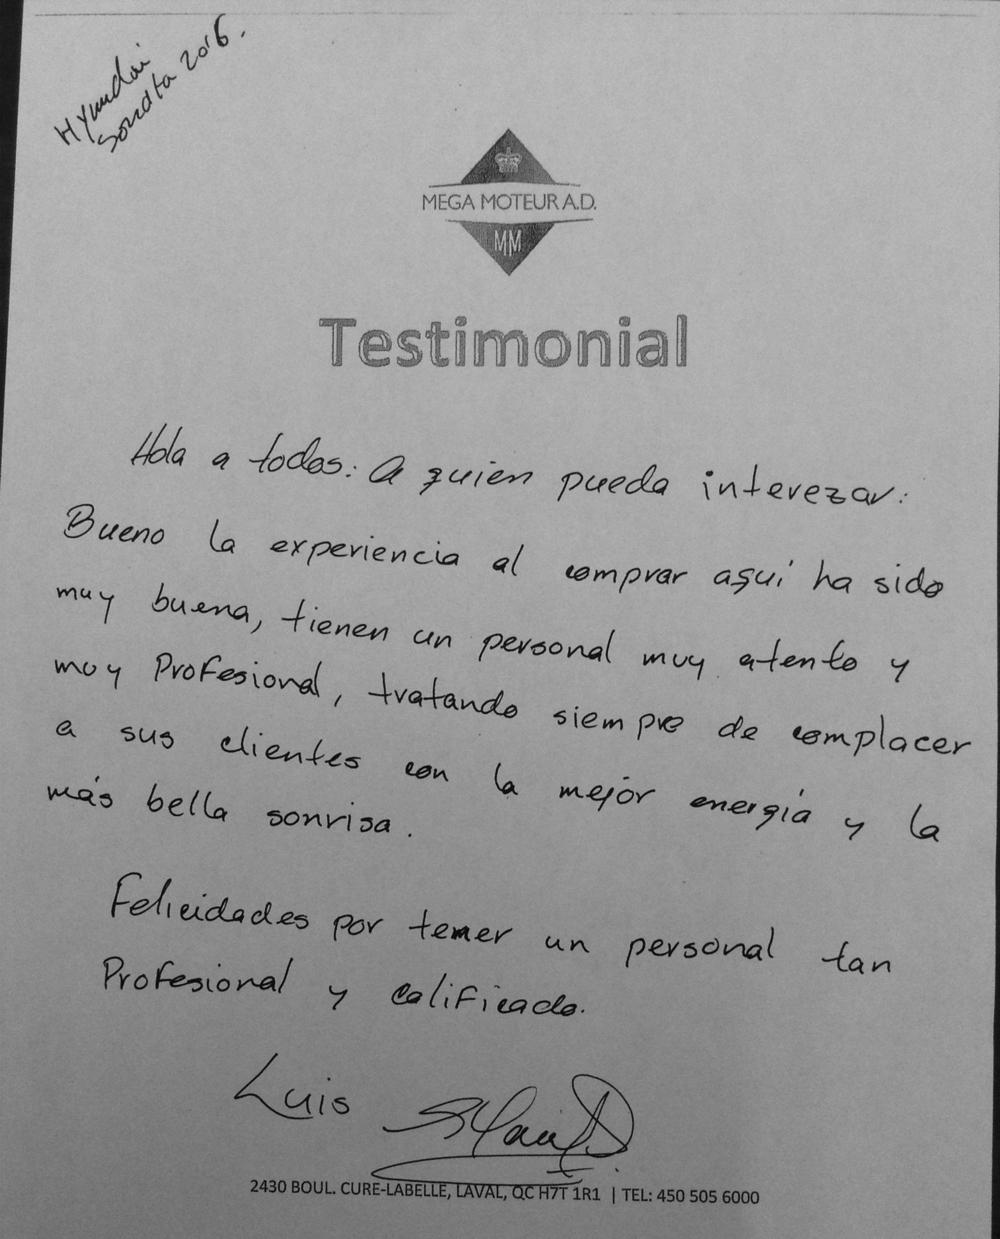 Luis Vazquez_Testimonial.jpg